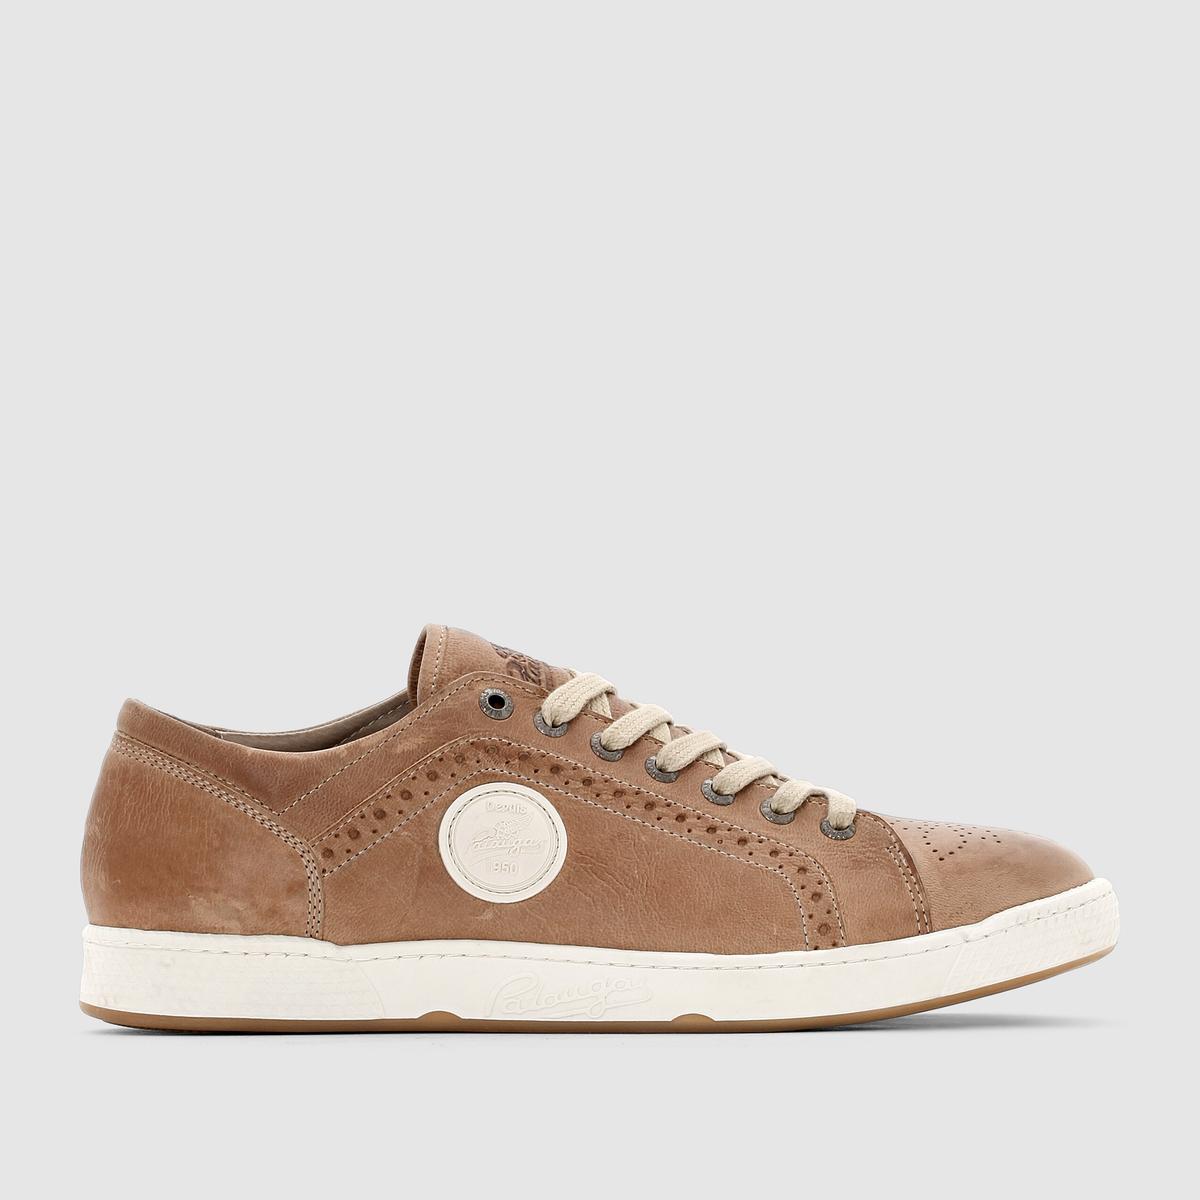 Кеды низкие JOKIN/C - PATAUGASКеды низкие JOKIN/C от PATAUGAS.Верх: кожа.Подкладка: кожа и текстиль.Стелька: кожа и текстиль.Подошва: резина.  Застежка: на шнуровке.Преимущества: простота и стиль кожаных кед от Pataugas.<br><br>Цвет: серо-коричневый<br>Размер: 42.45